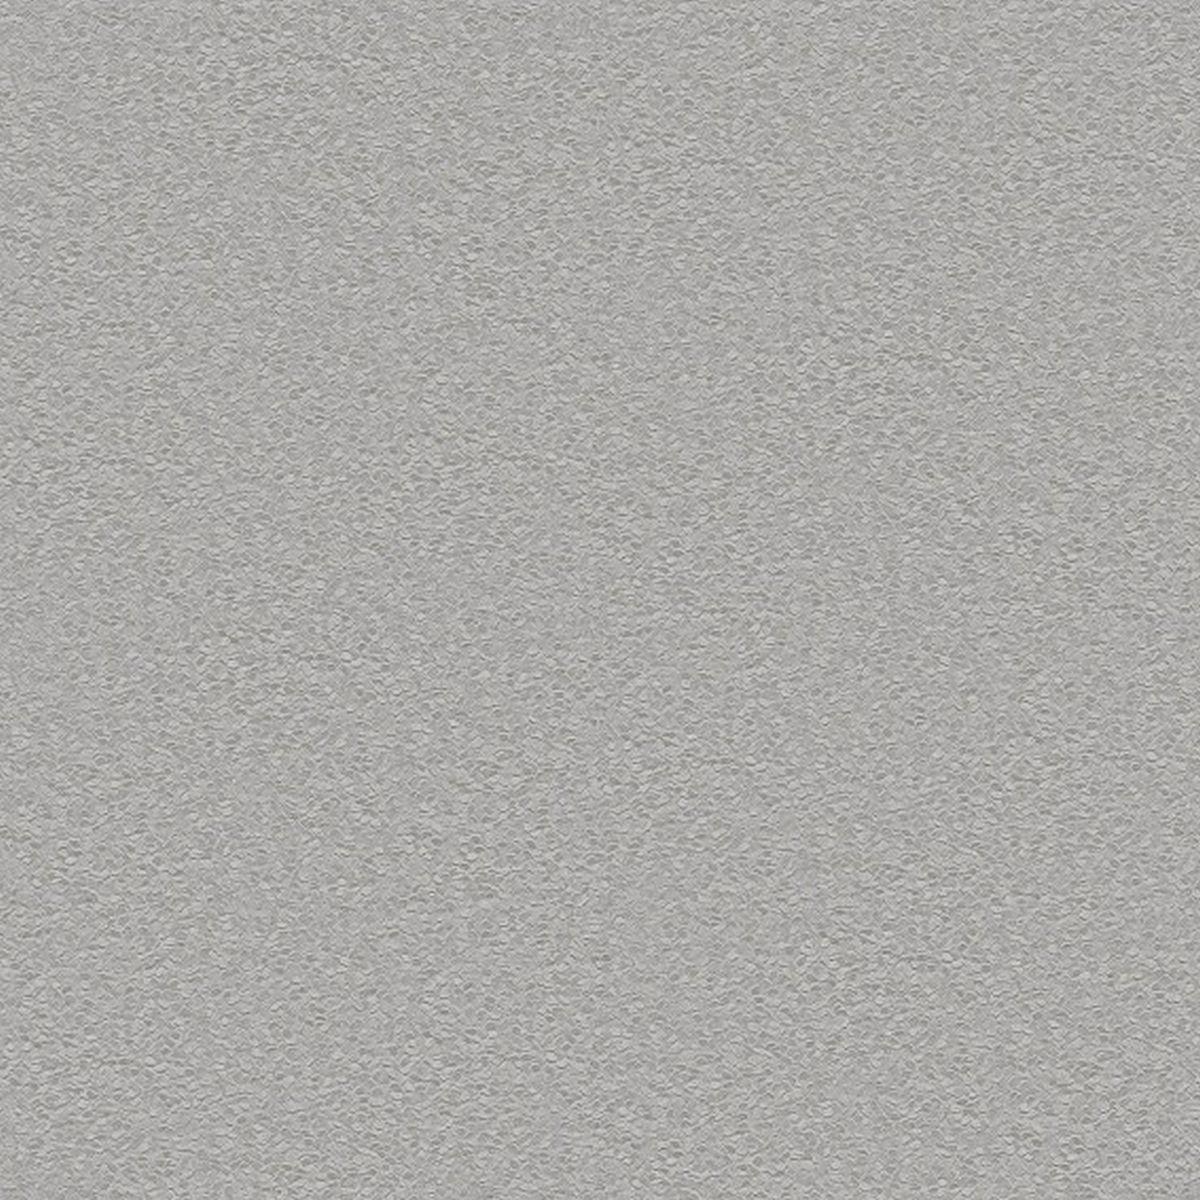 DesignID Vliestapete Erstklassige Wandbekleidung BA220054 Grau Steintapete